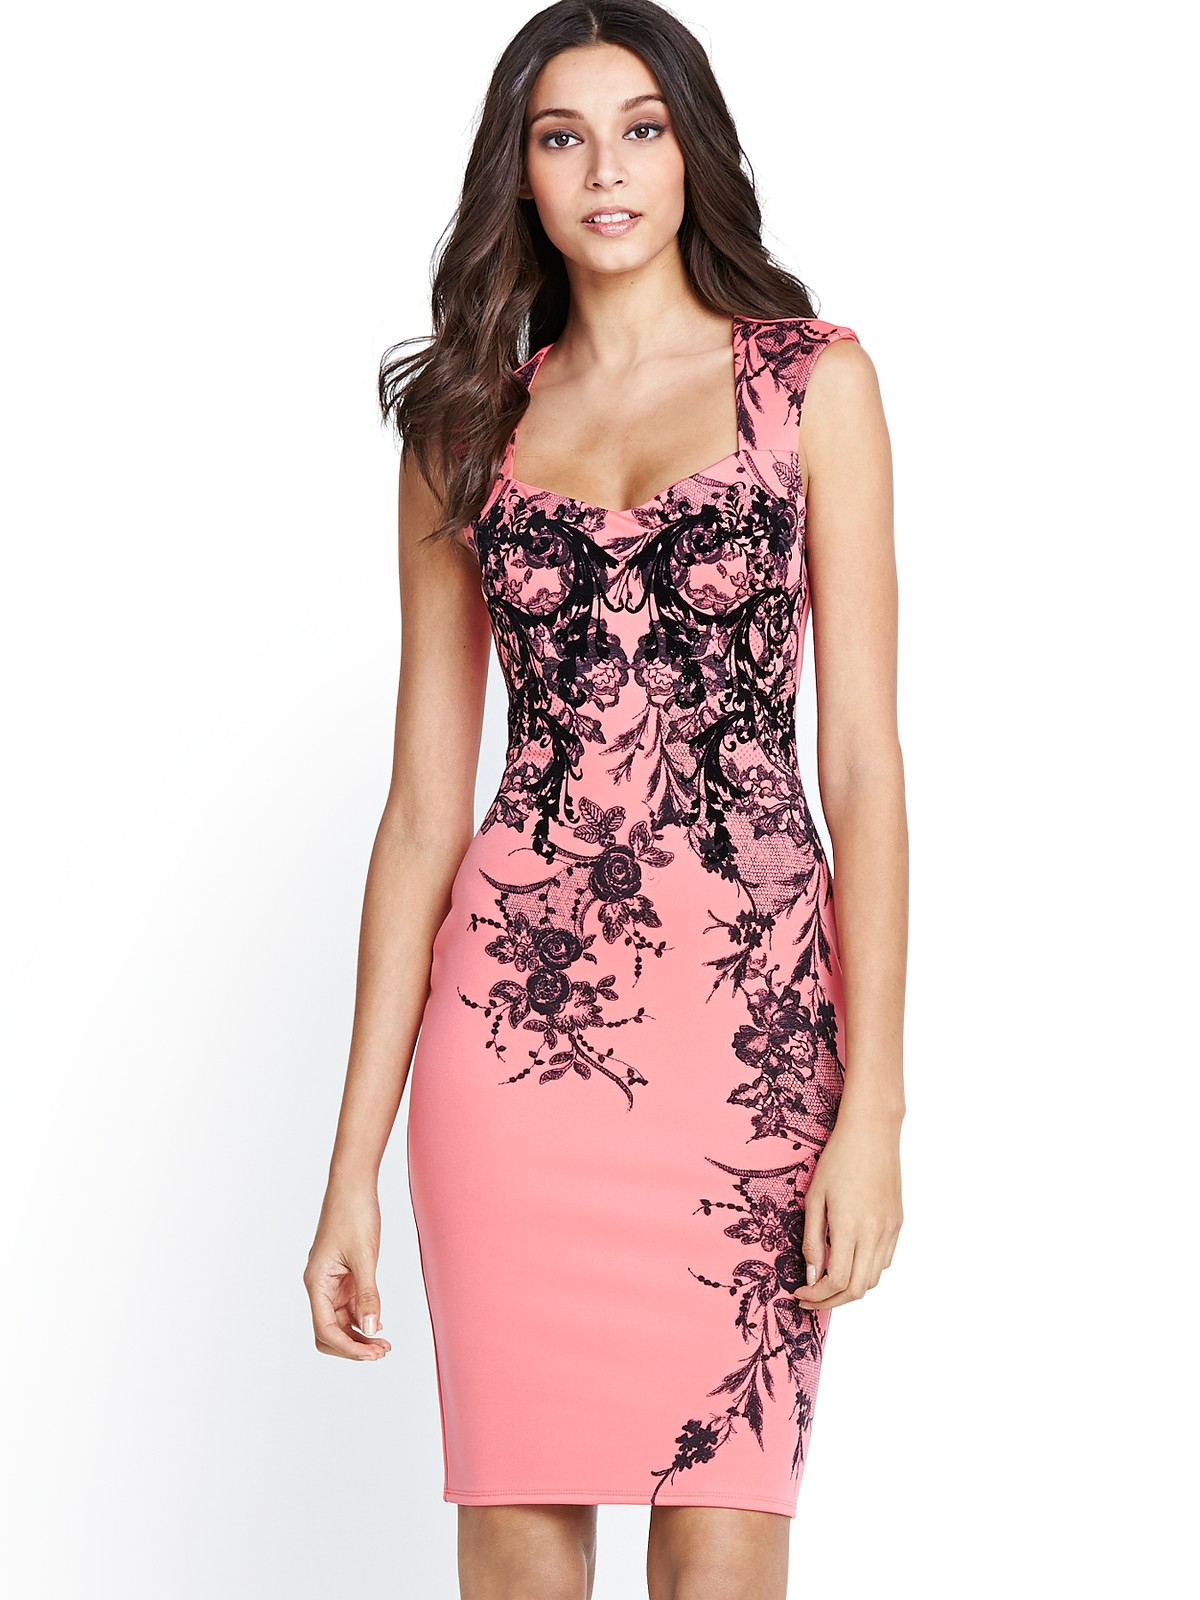 Online floral print bodycon dresses pumps